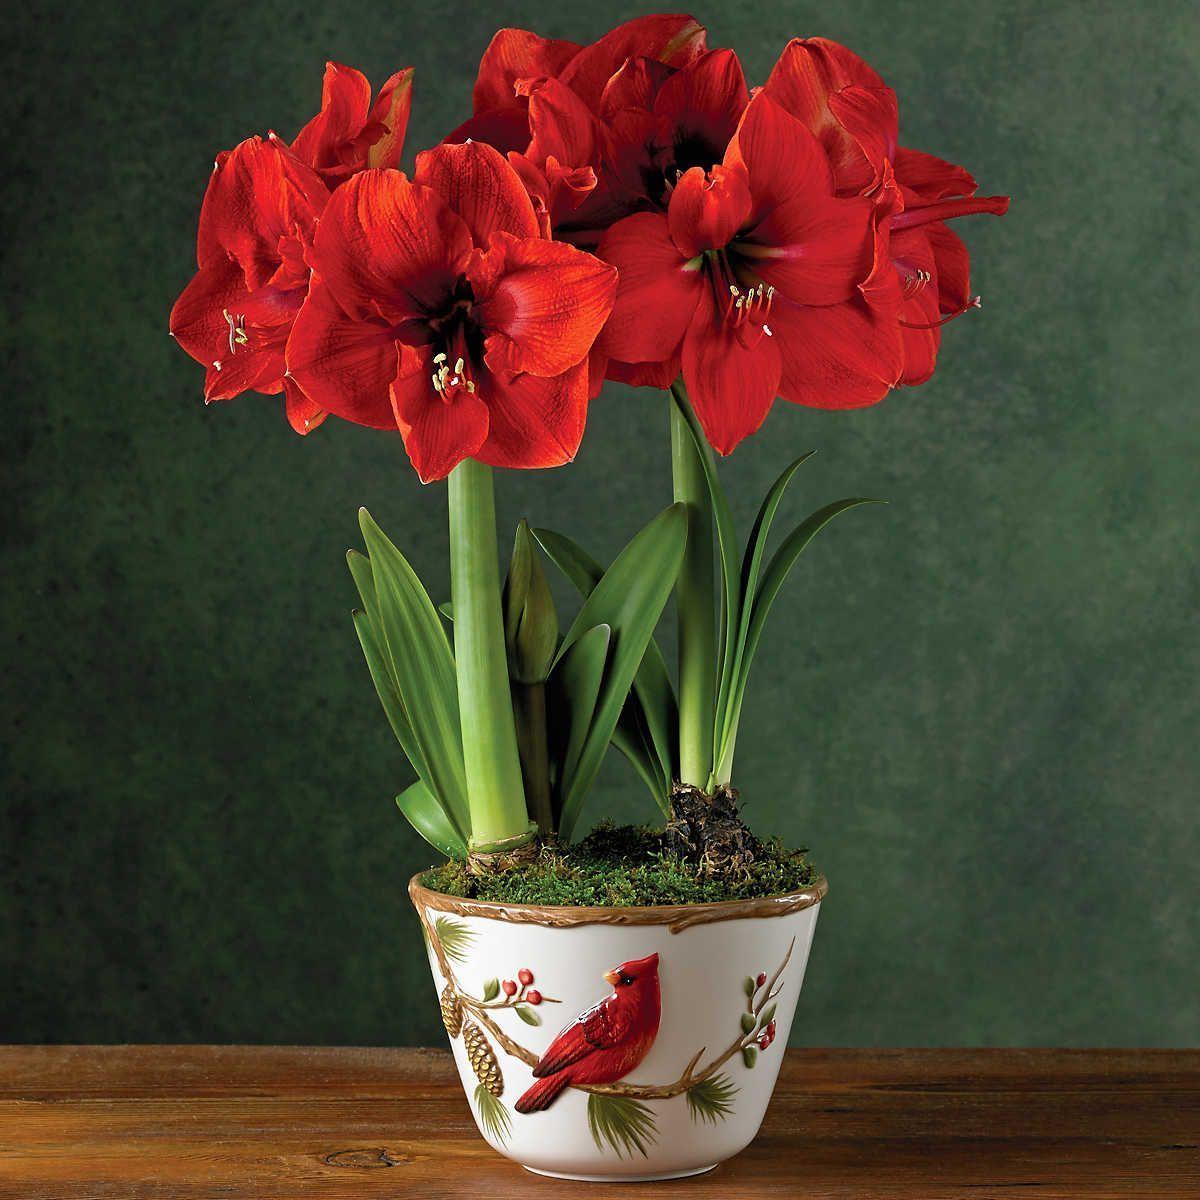 Red Lion Amaryllis Double In 2020 Amaryllis Flowers Amaryllis Plant Plant Gifts